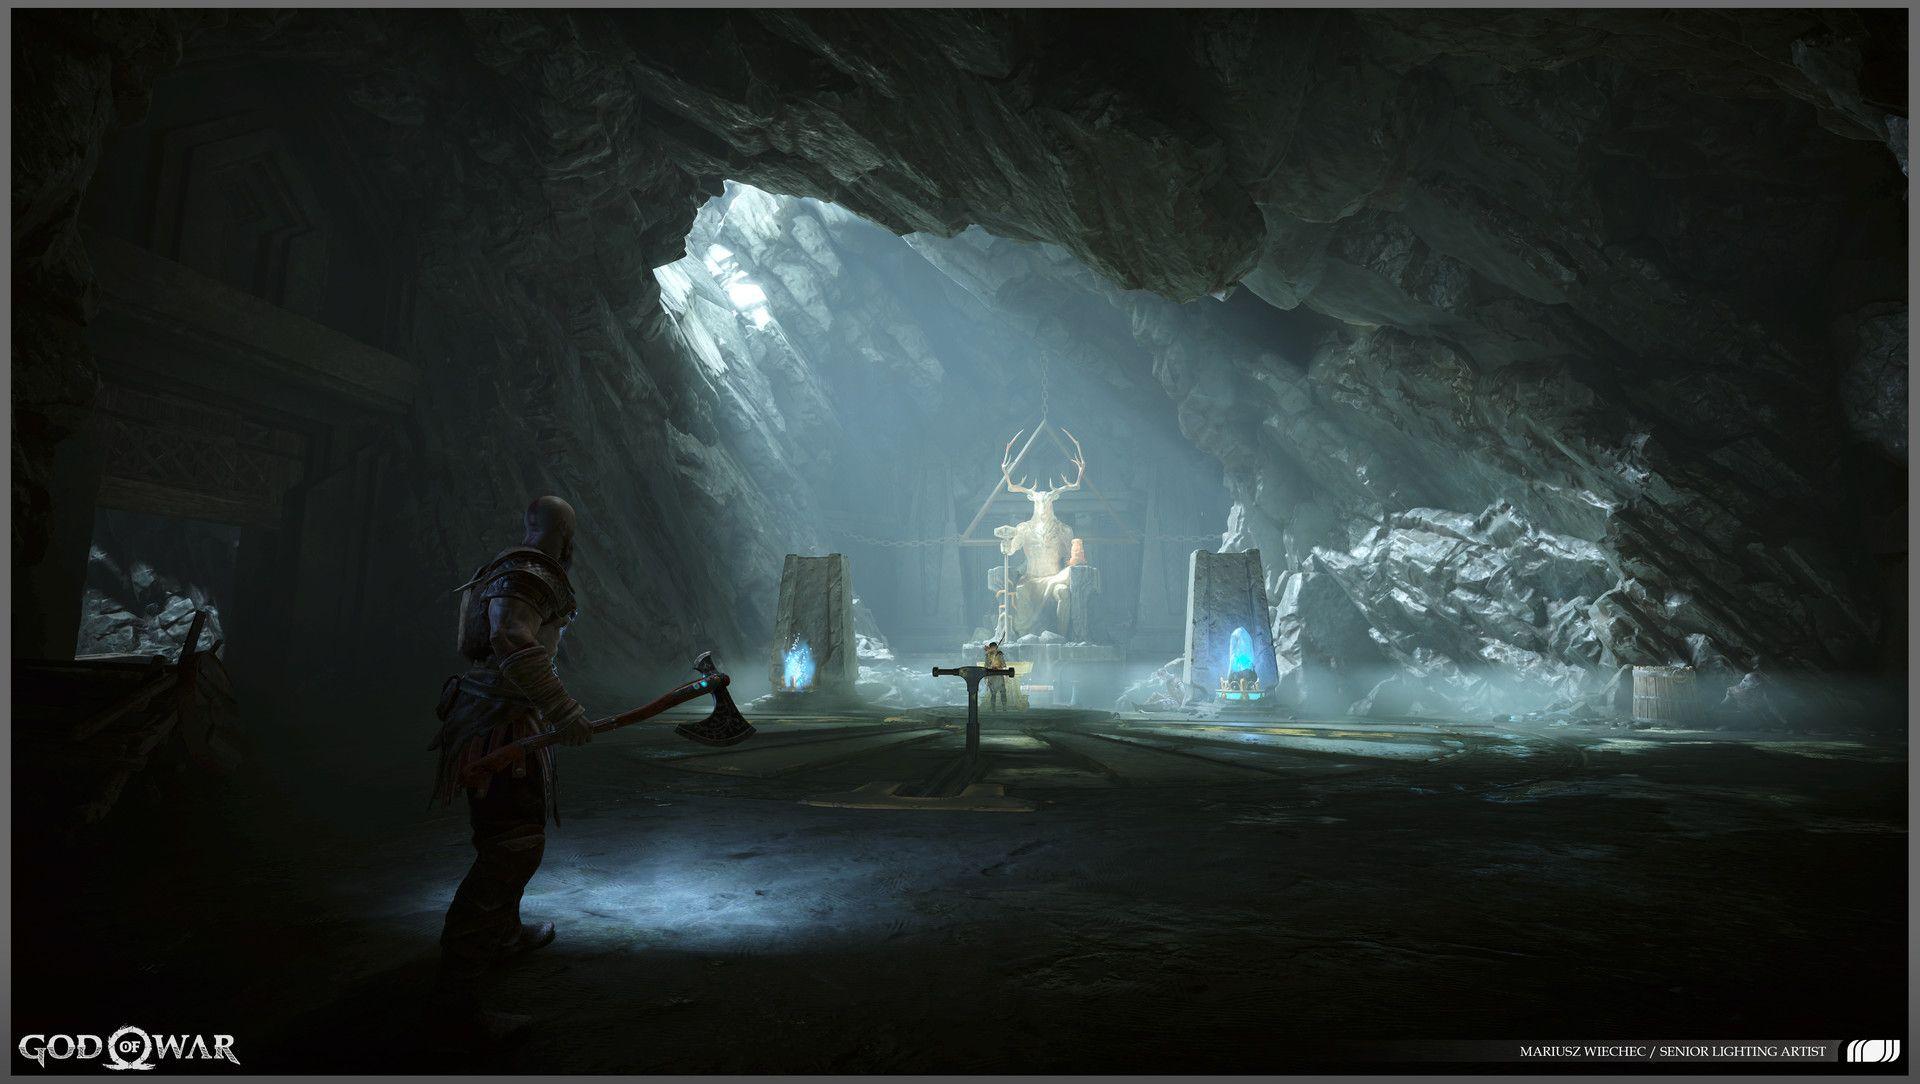 ArtStation God of War game environment lighting 2018